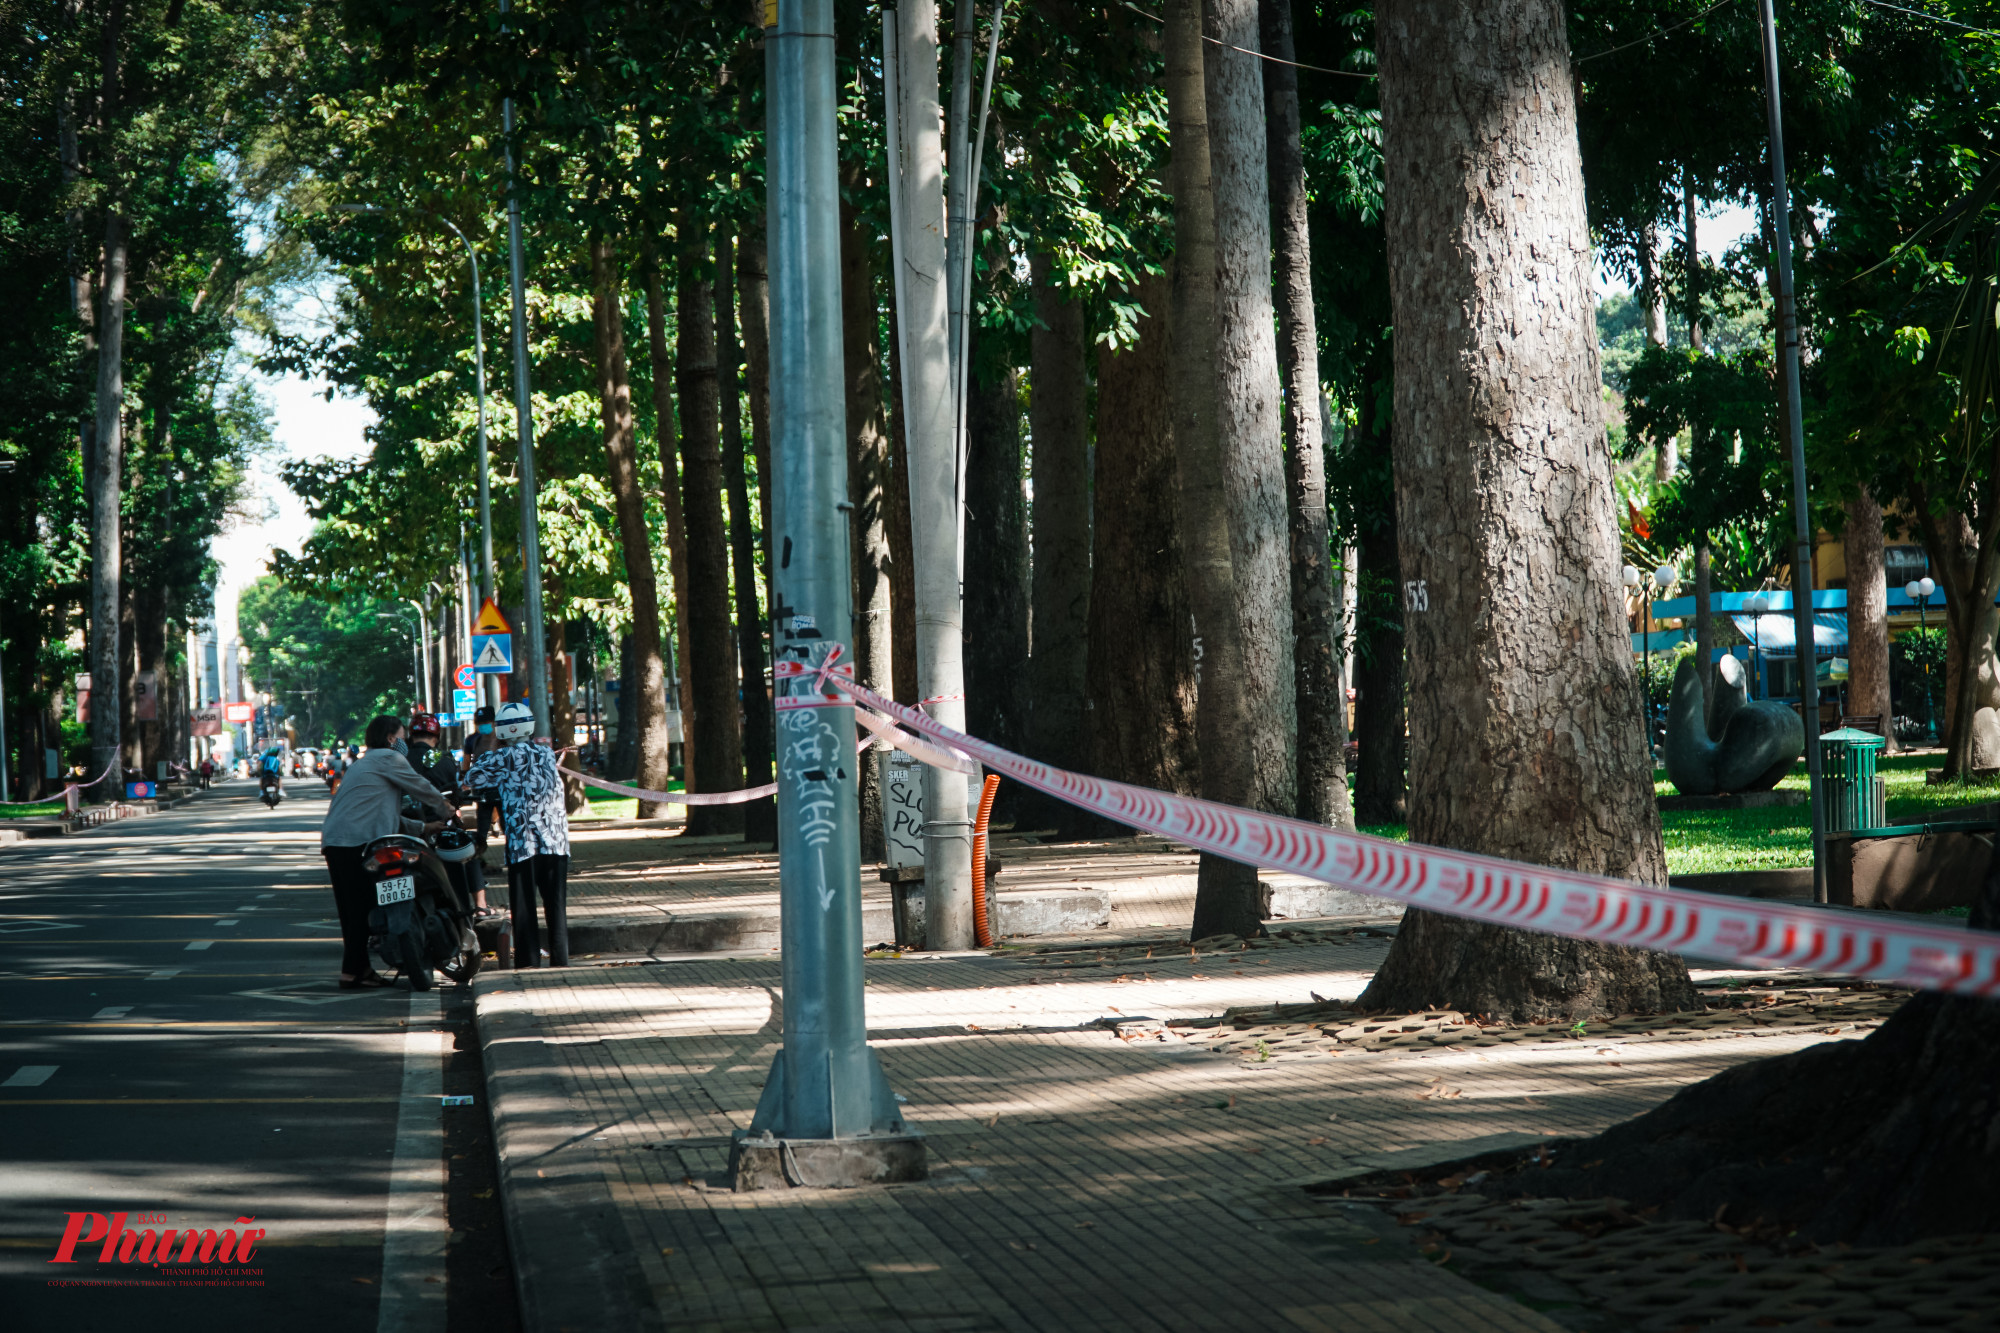 Tại Công viên 30/4 TPHCM (Quận 1), dù công viên đã được rào chắn, tuy nhiên, nhiều người dân vẫn cố tình chen vào